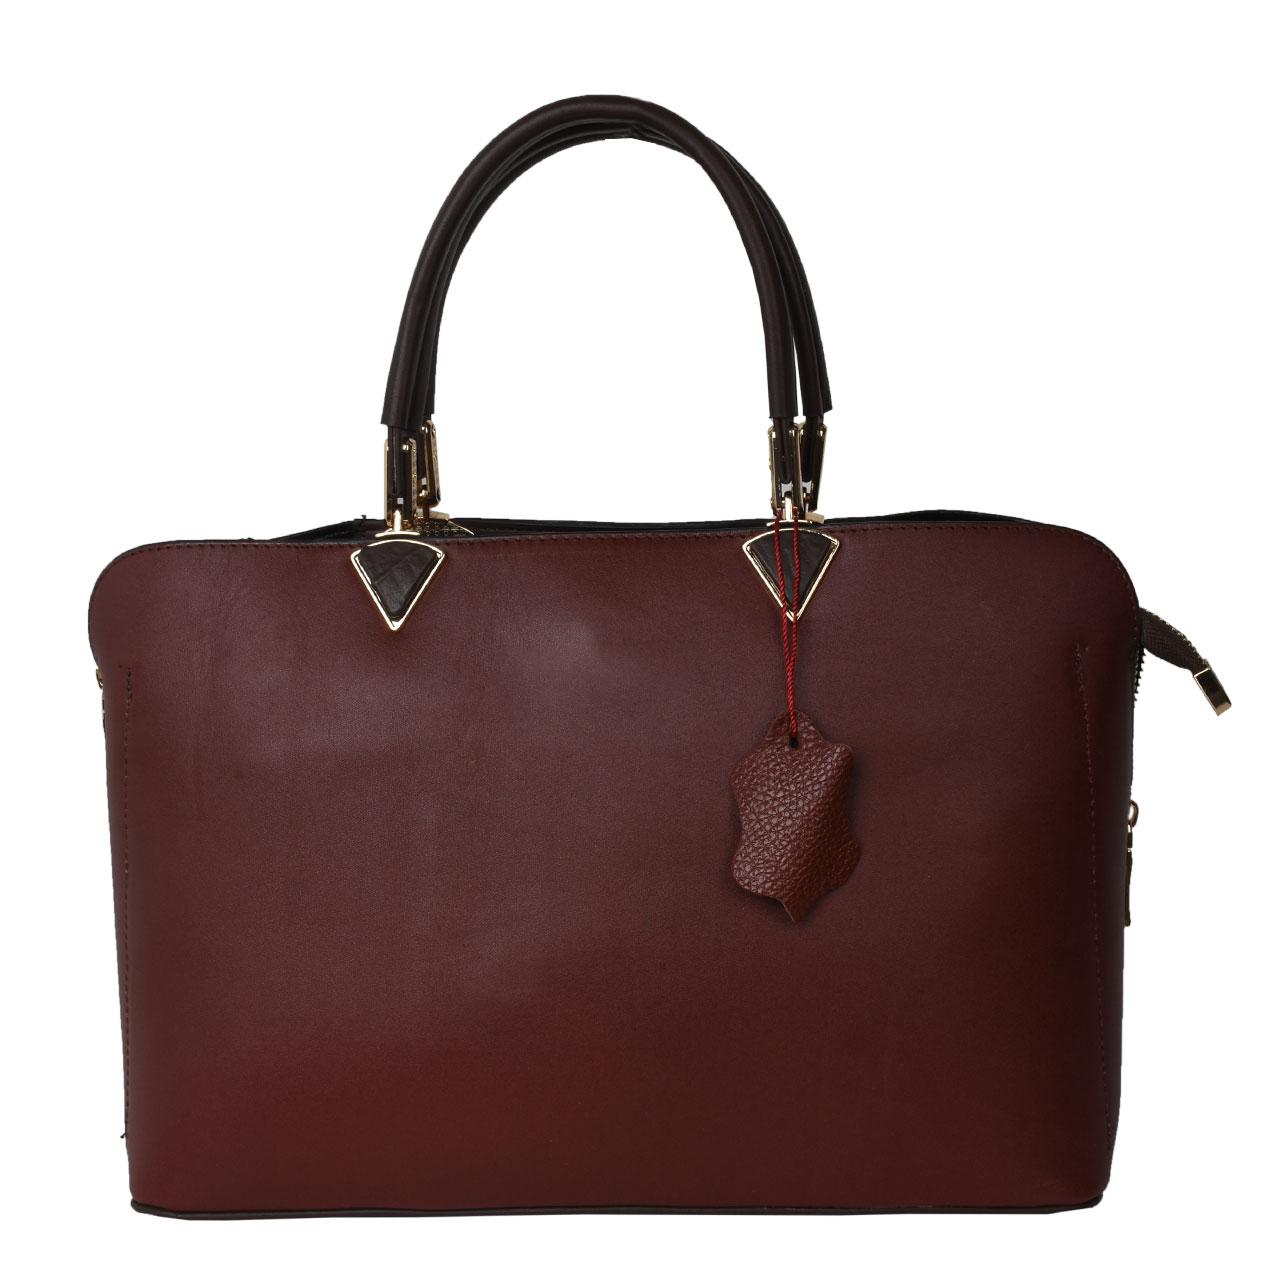 کیف دستی زنانه پارینه کد PLV159-7-1590